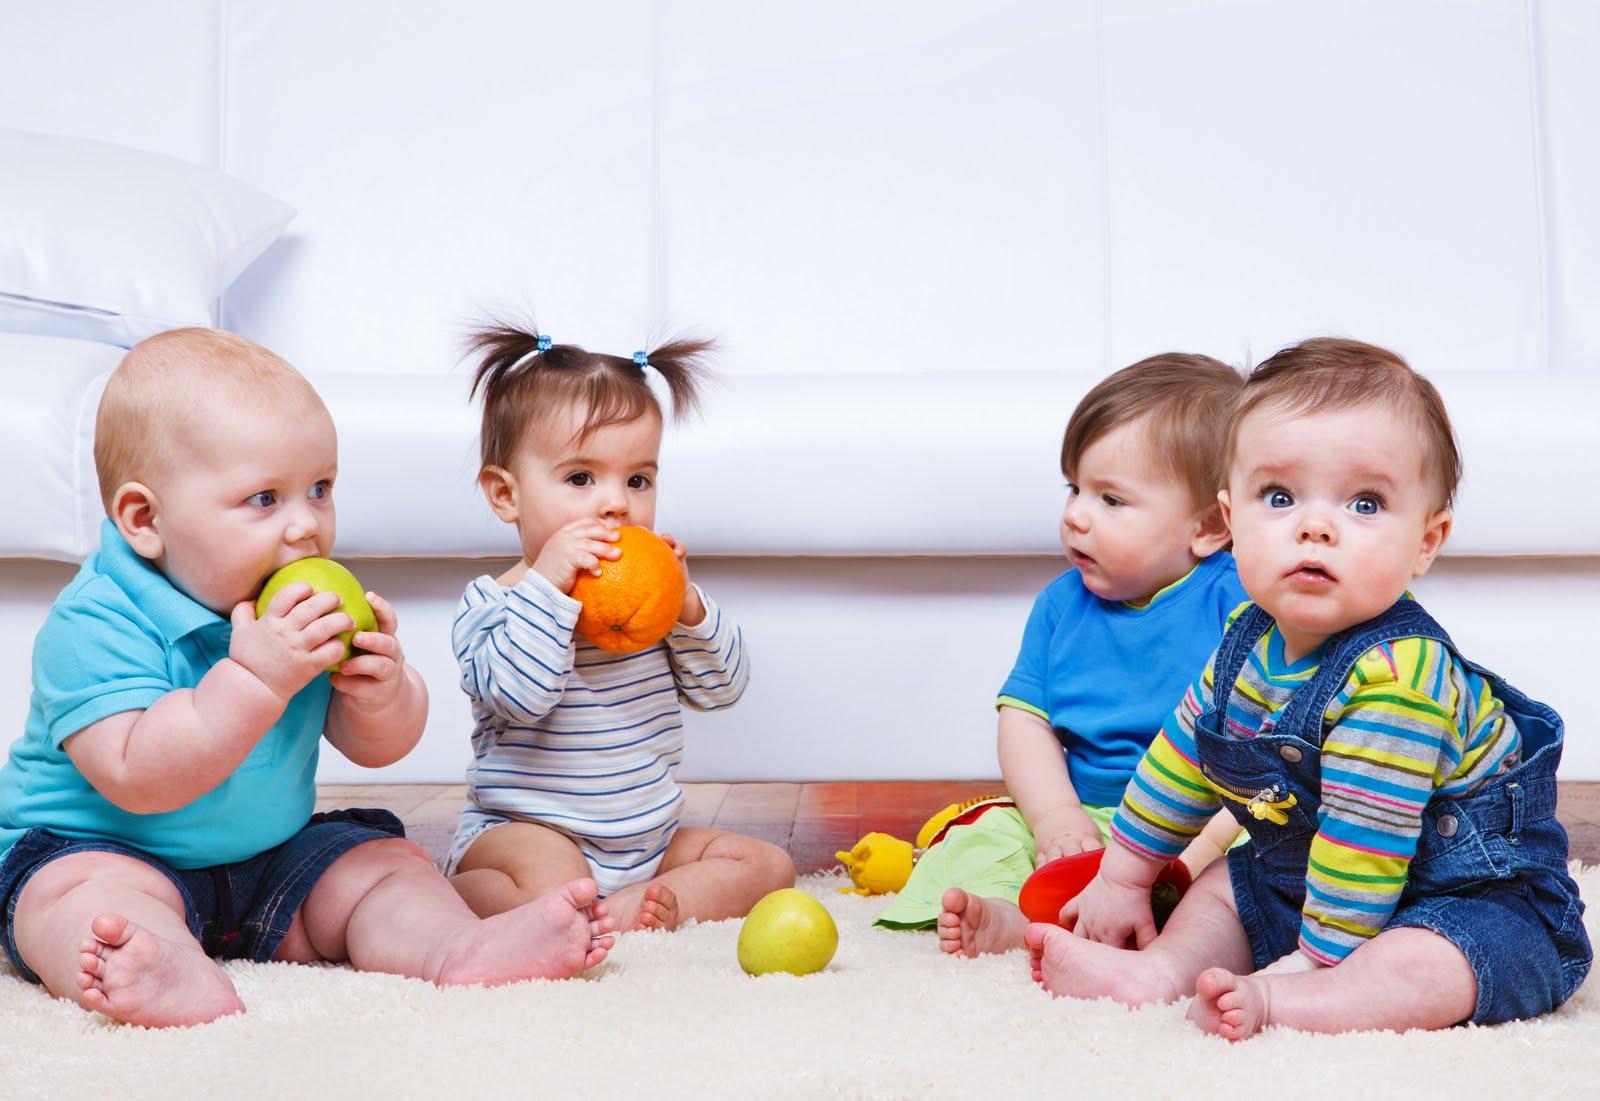 ВБрянске обещают построить ясли для малышей